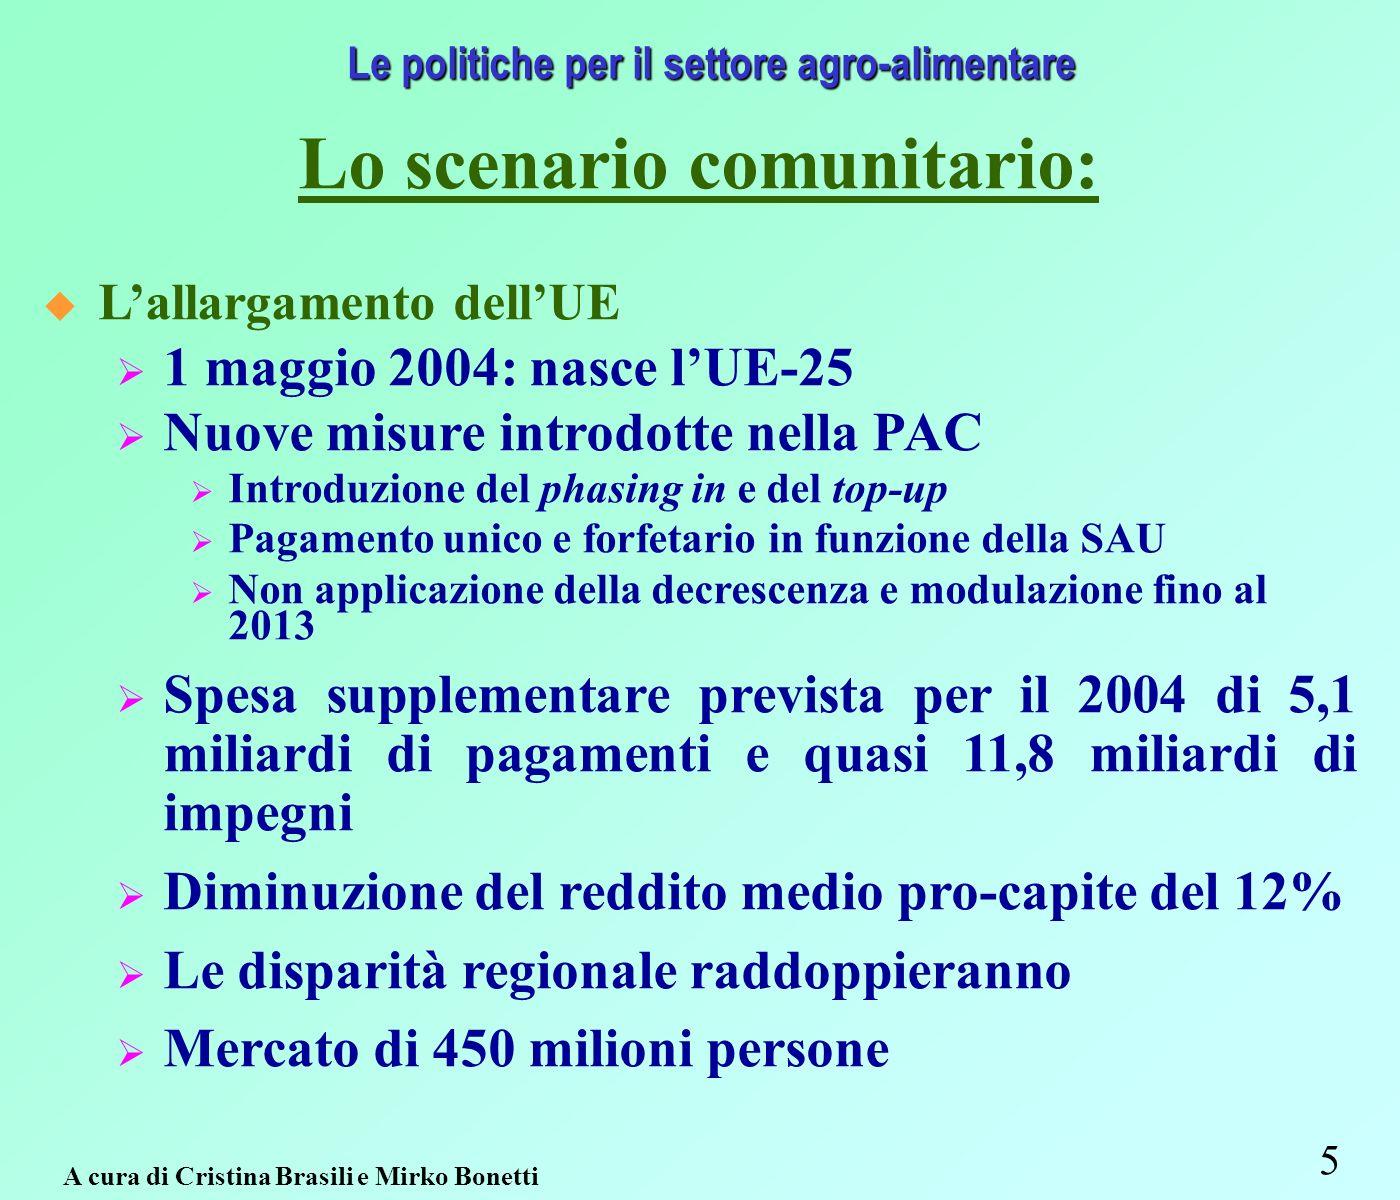 66 Interventi strutturali e di mercato Fonte: Regione Emilia-Romagna – Assessorato Agricoltura, Ambiente e Sviluppo sostenibile.